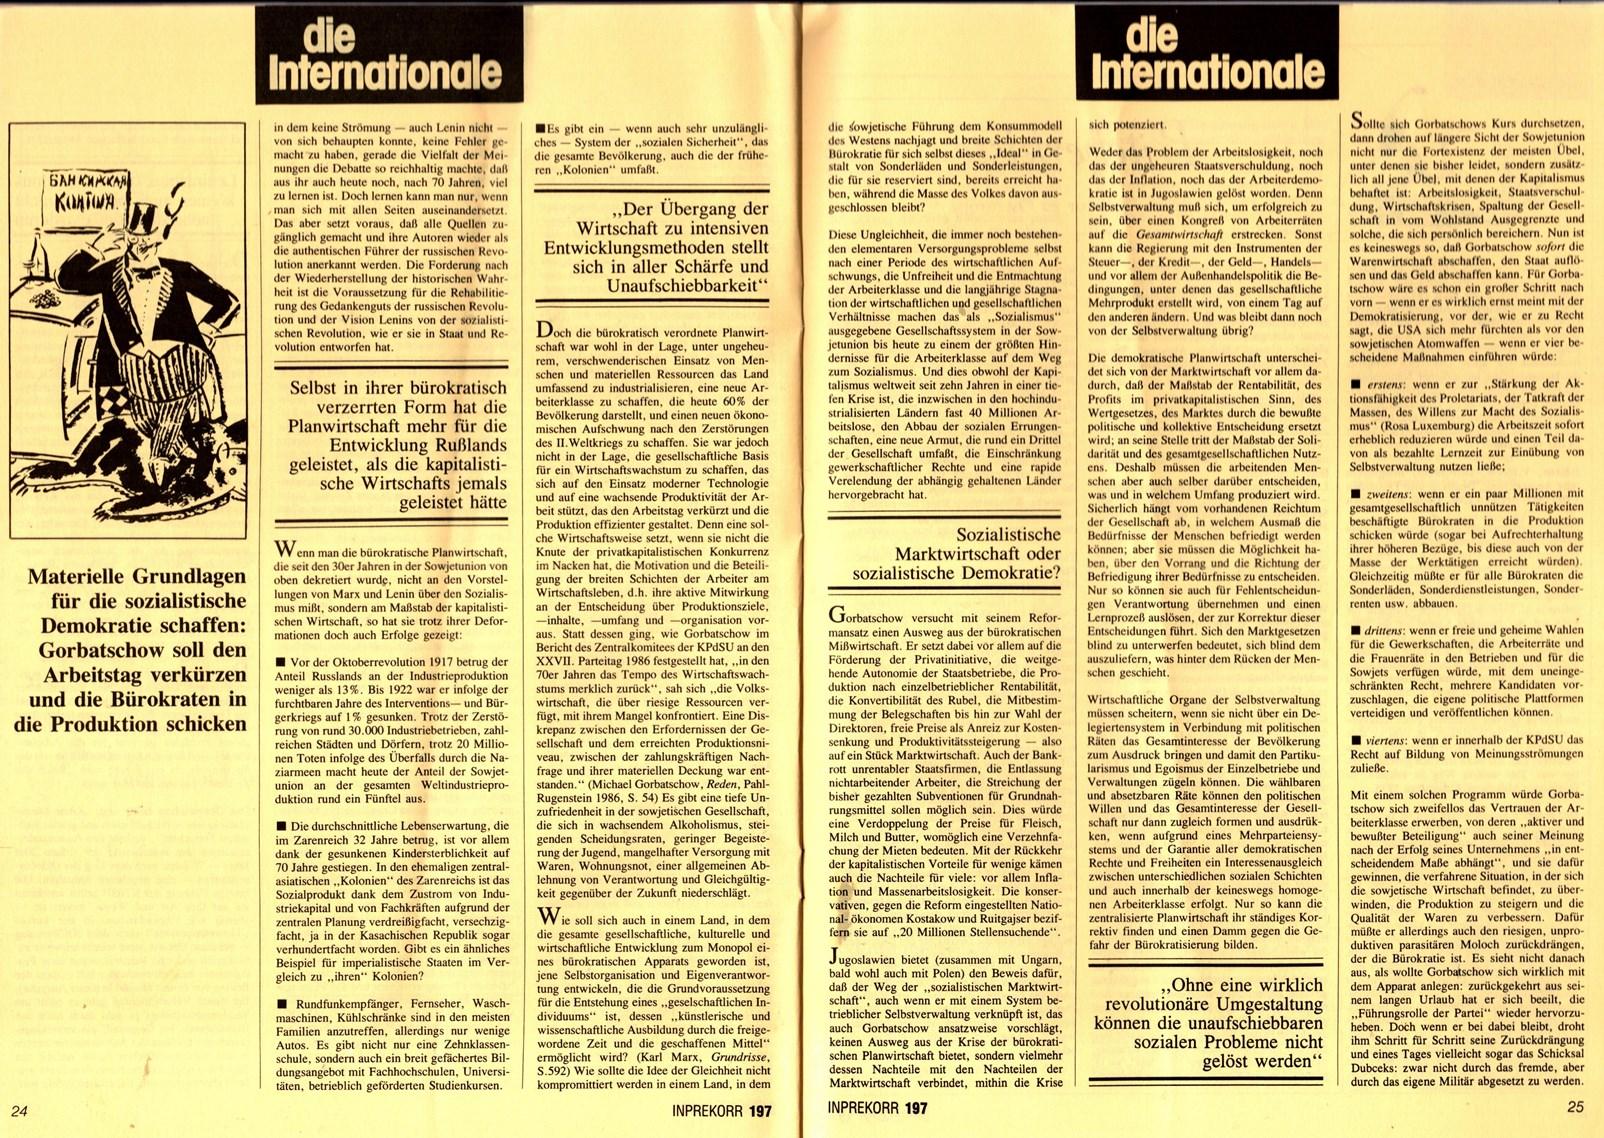 Inprekorr_19871100_197_013